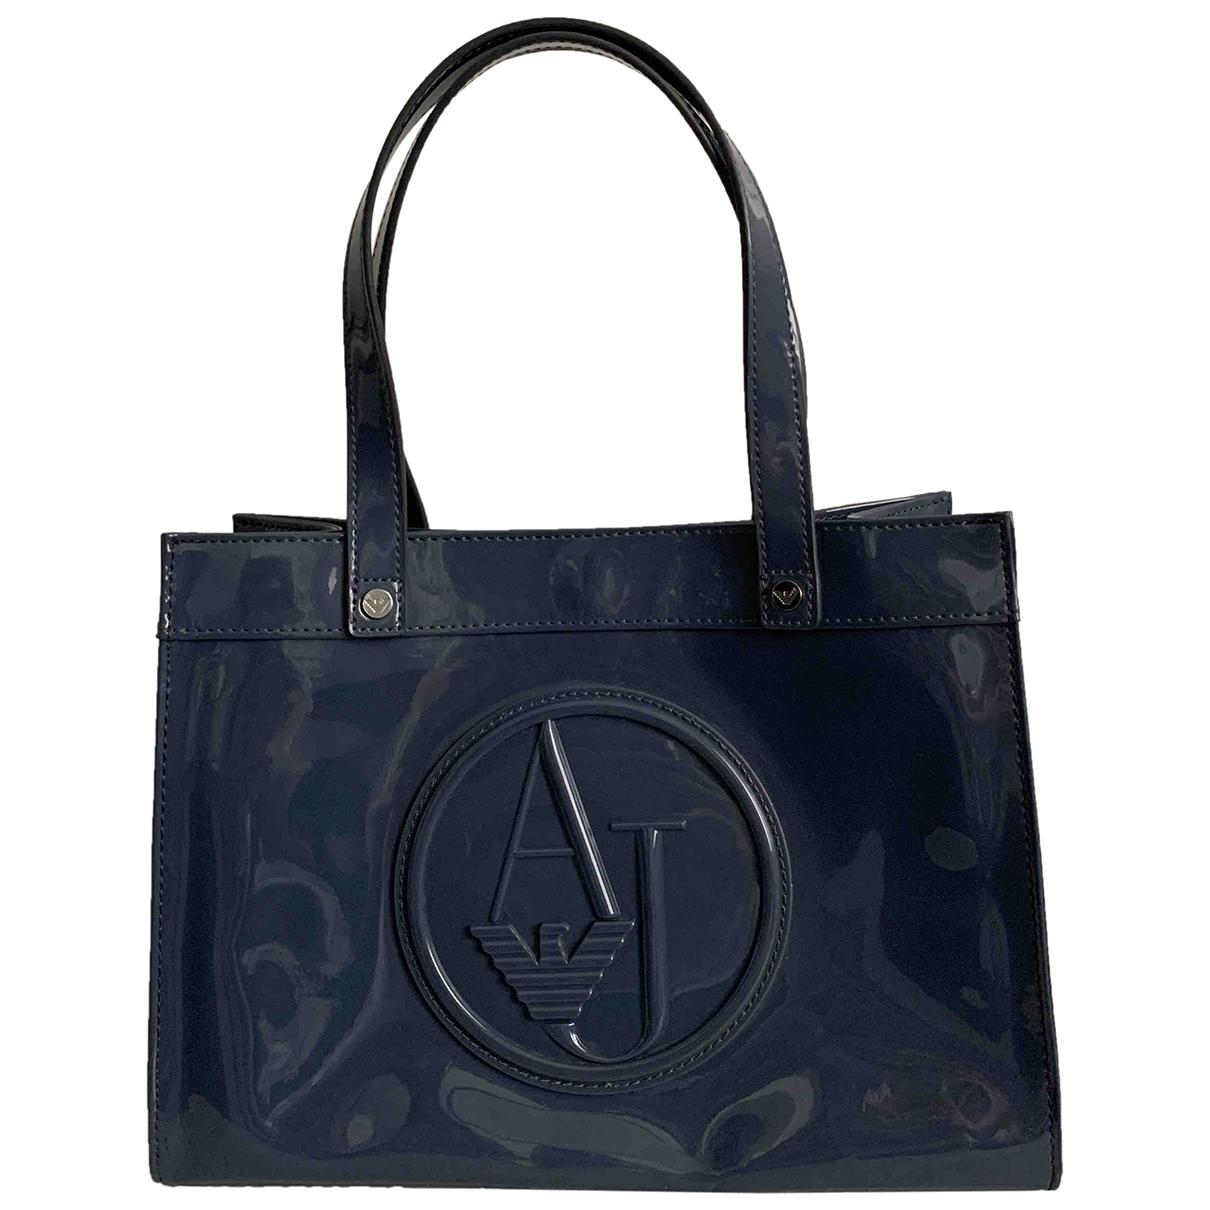 Armani Jeans \N Handtasche in  Grau Kunststoff